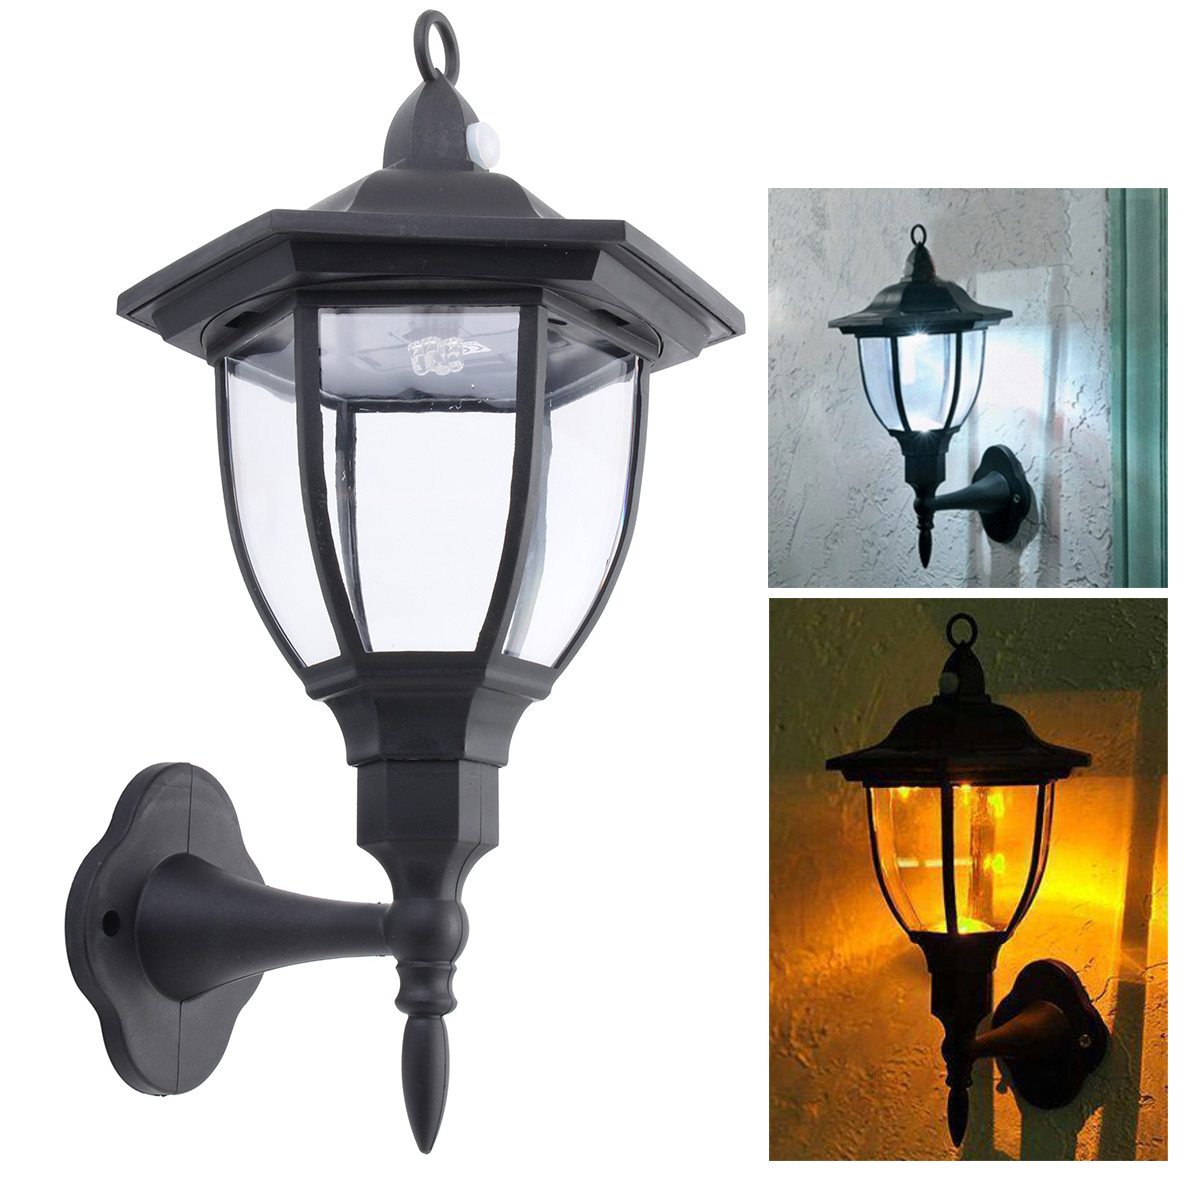 6 Sided Outdoor Wall Lantern Exterior Light Fixture Motion Sensor Garden Lamps